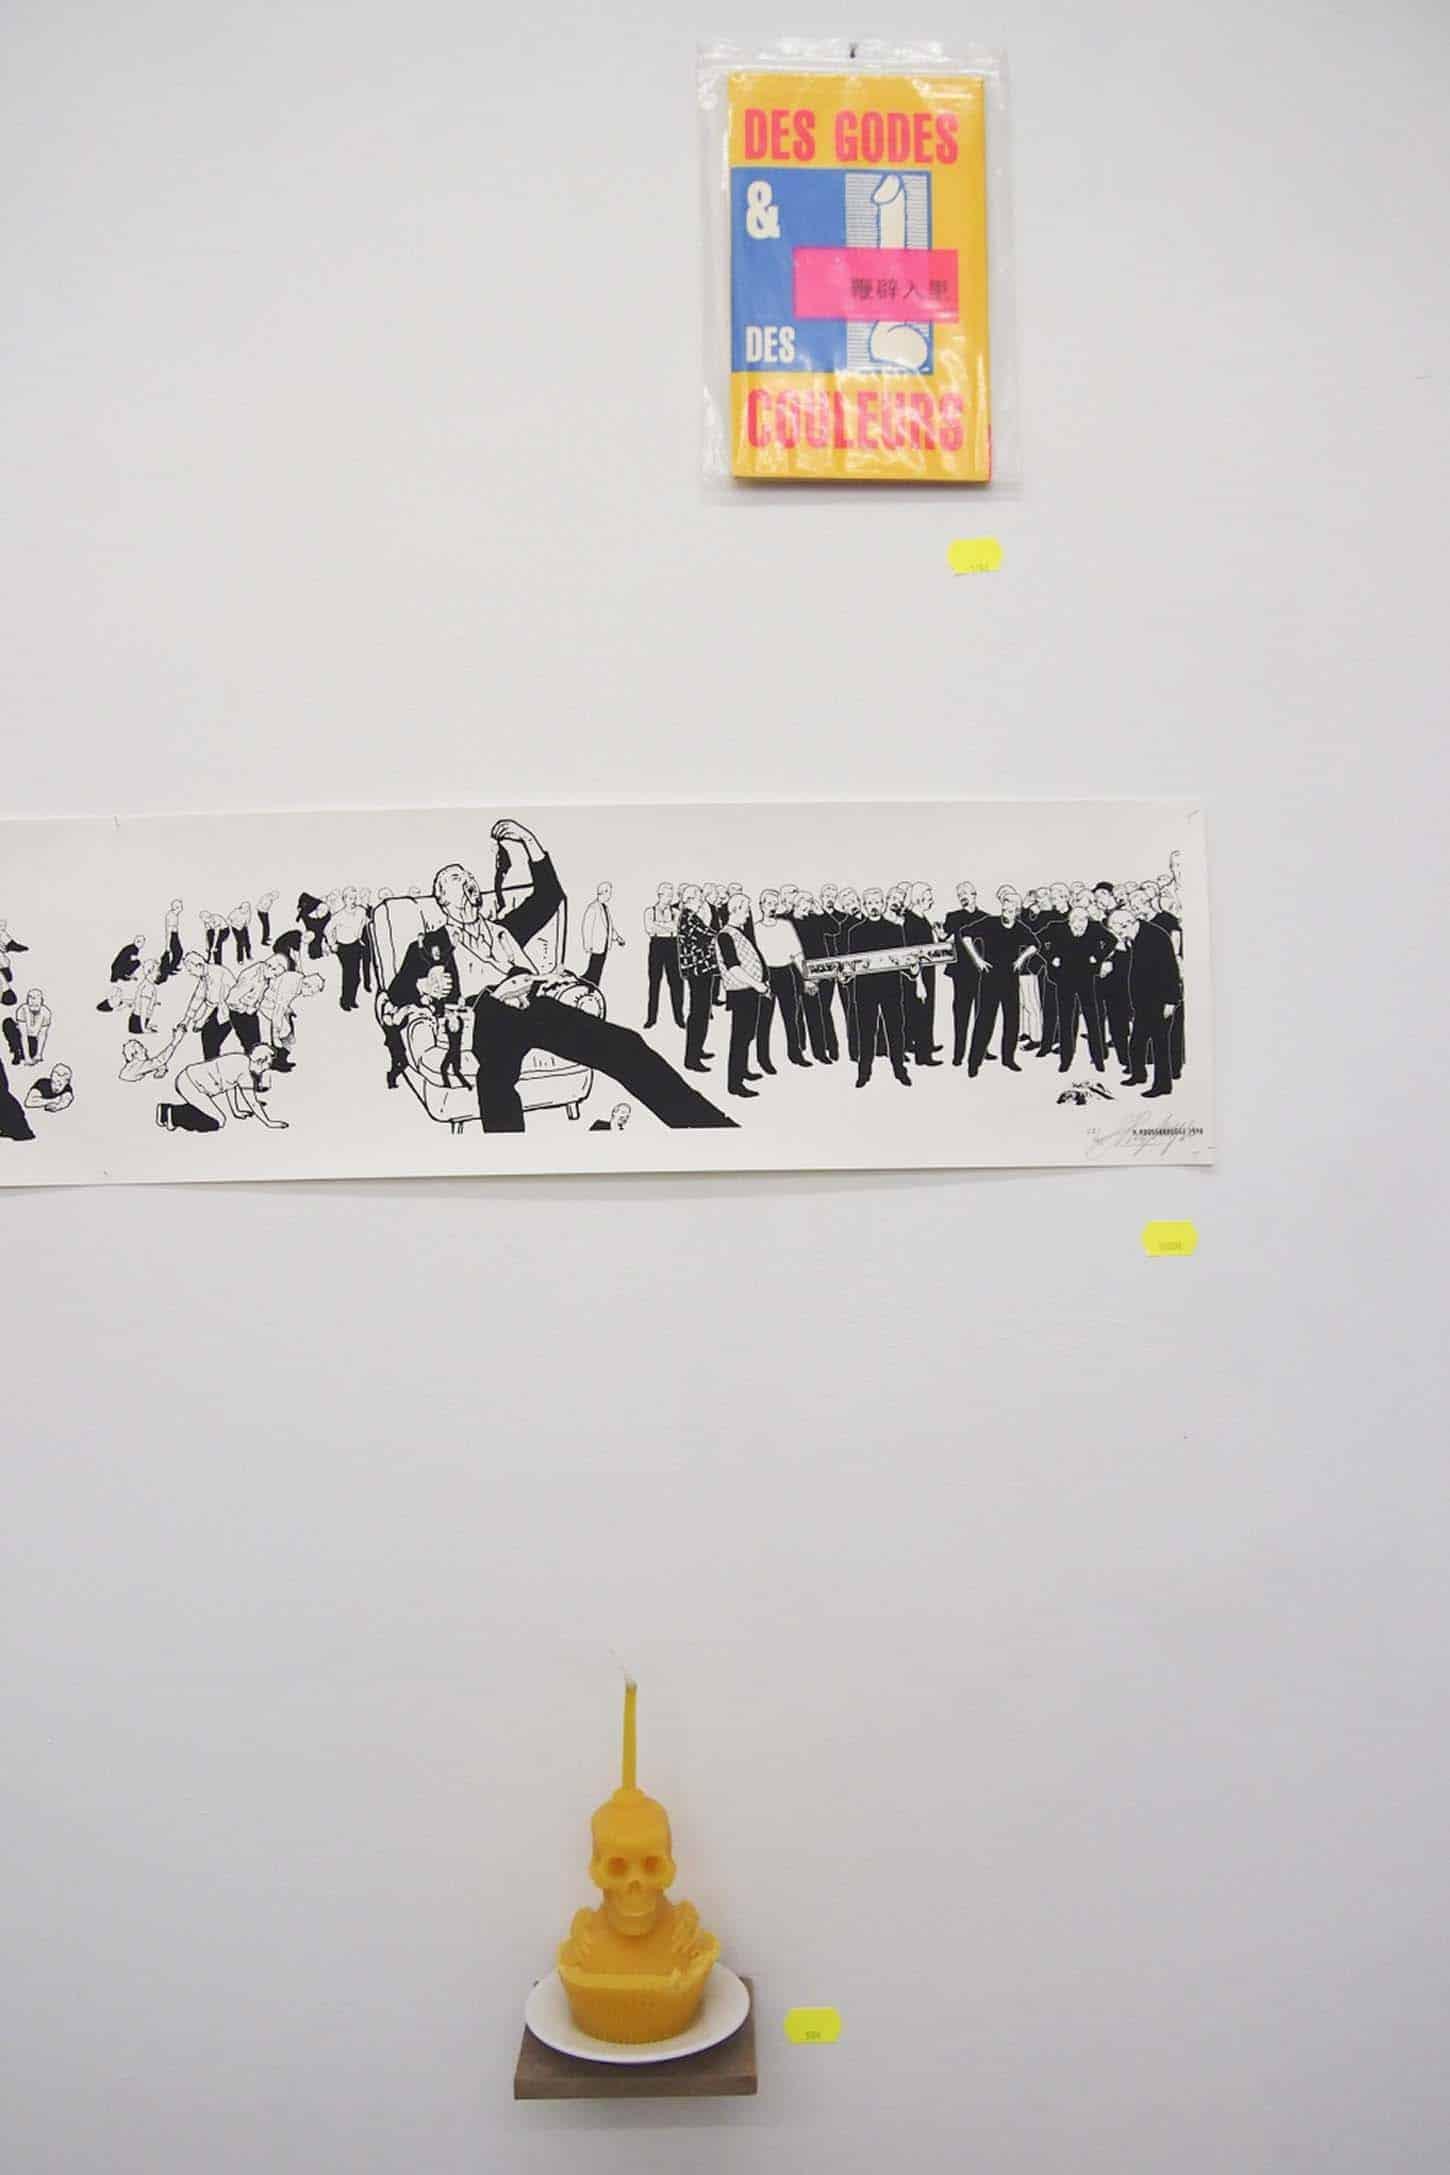 De haut en bas : Tom de Pékin, Han Hoogerbrugge, Baptiste César